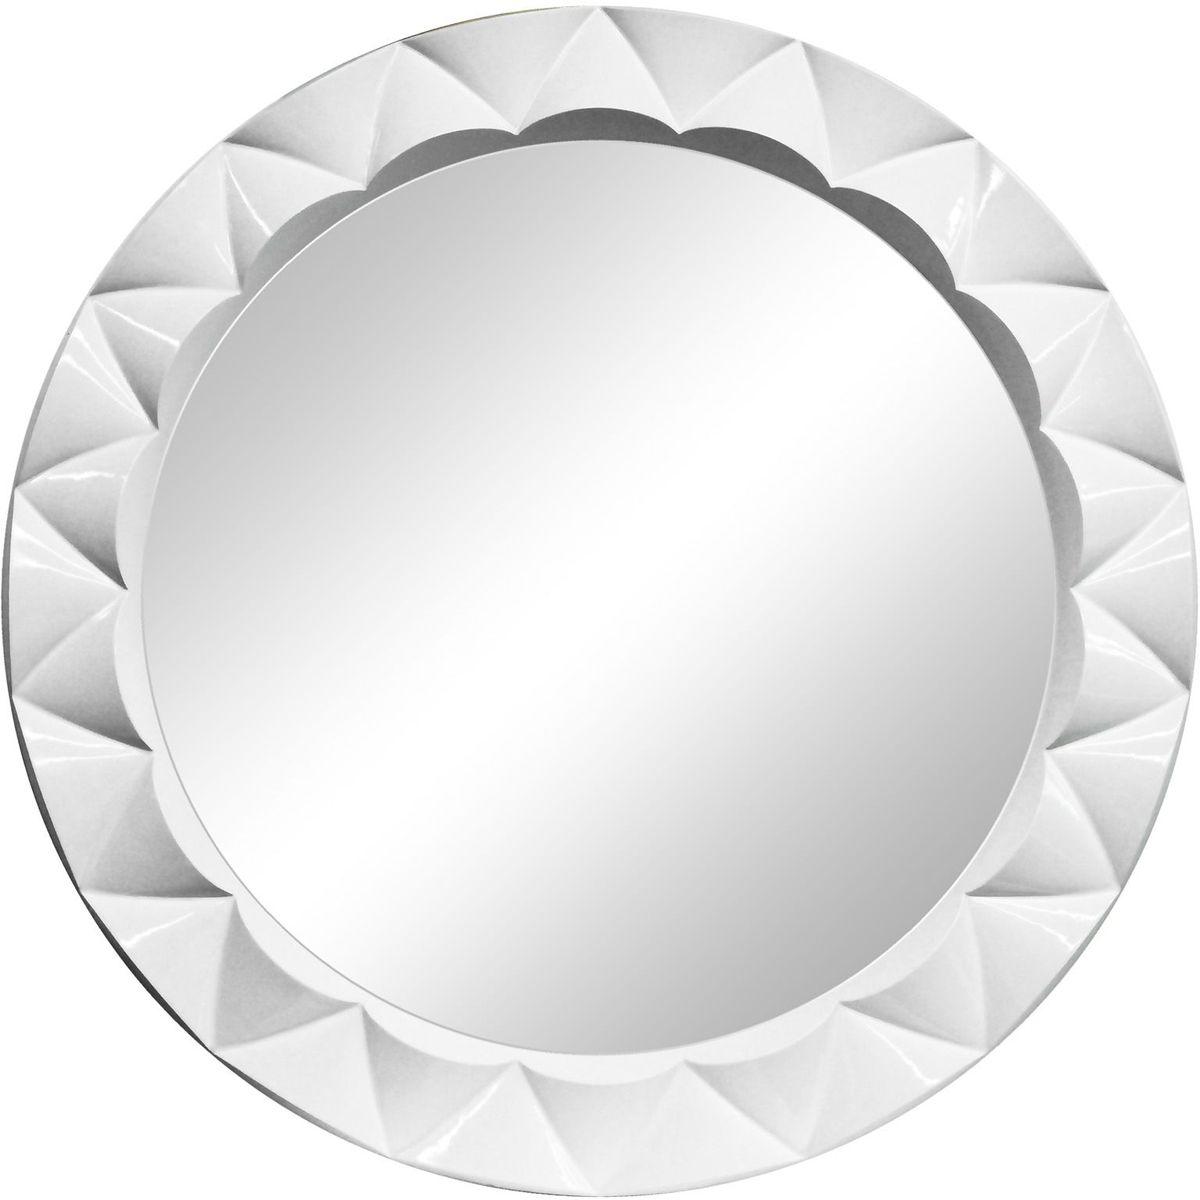 Зеркало VezzoLLi Этерно, цвет: белый, диаметр 85 см8-49С обратной стороны зеркало снабжено двумя металлическими подвесами. Видимый размер зеркального полотна D-65 см.